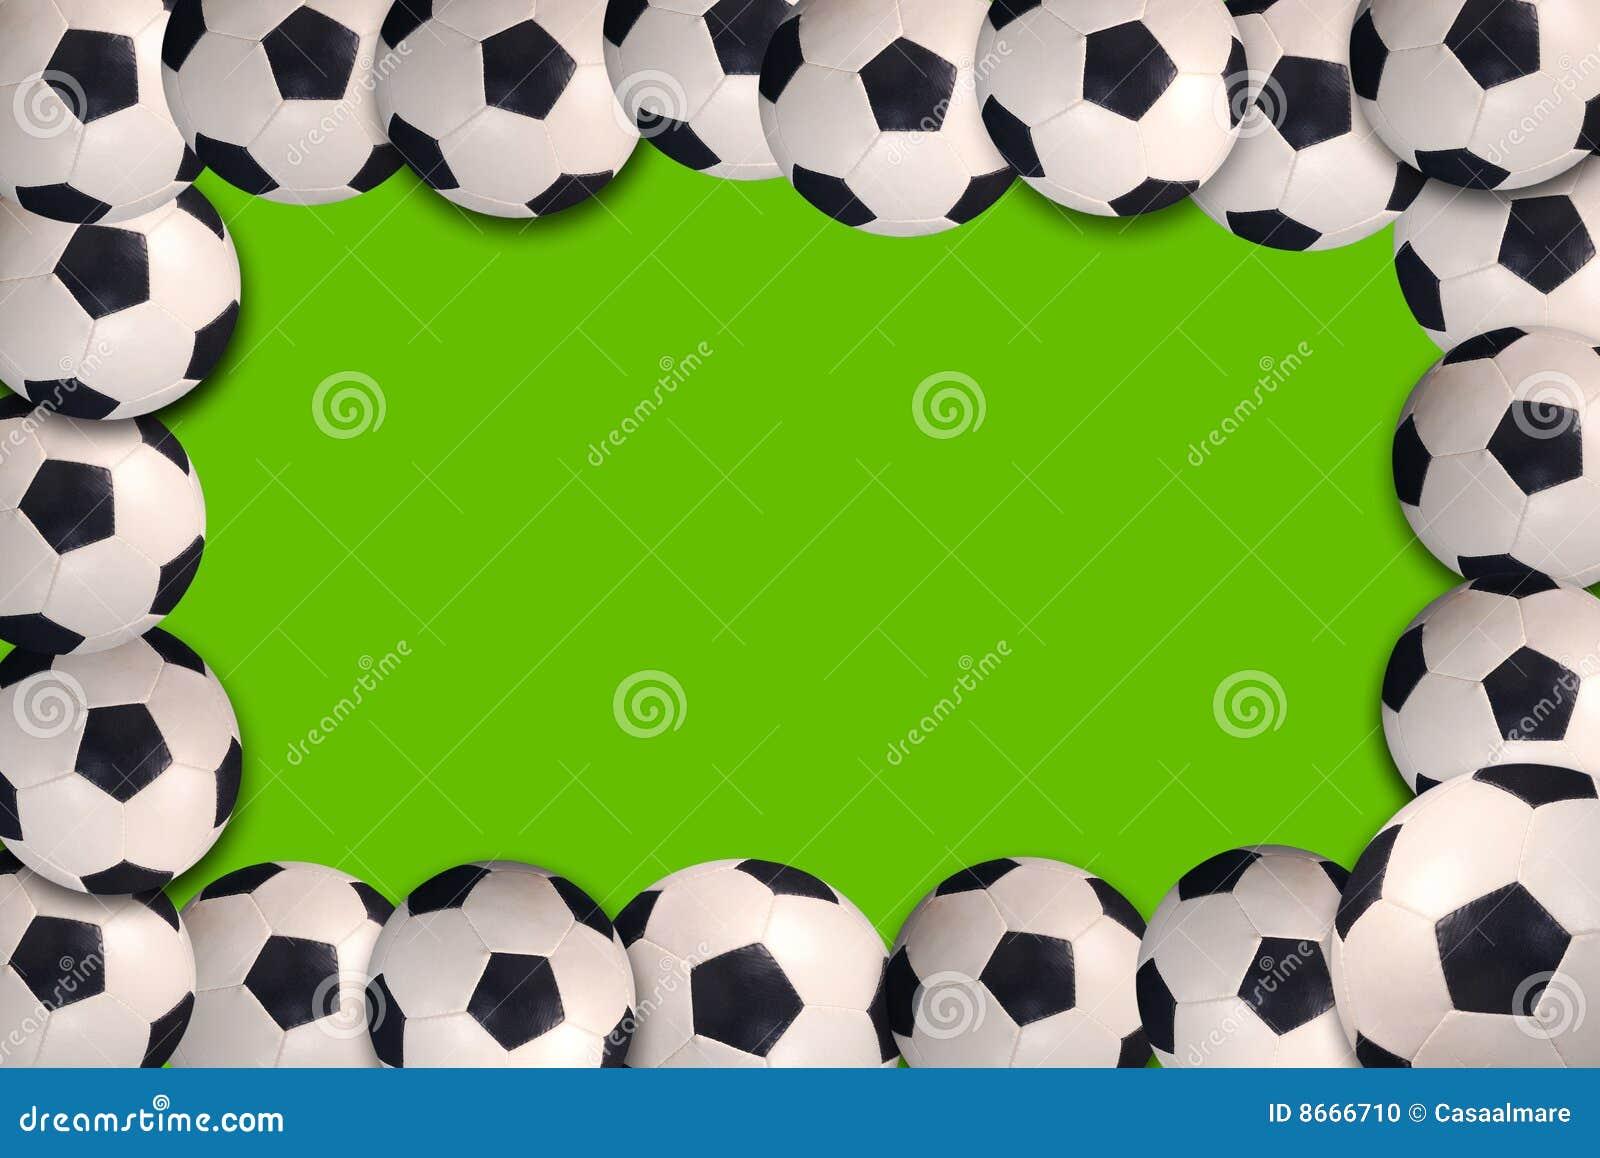 Soccer balls on green ...